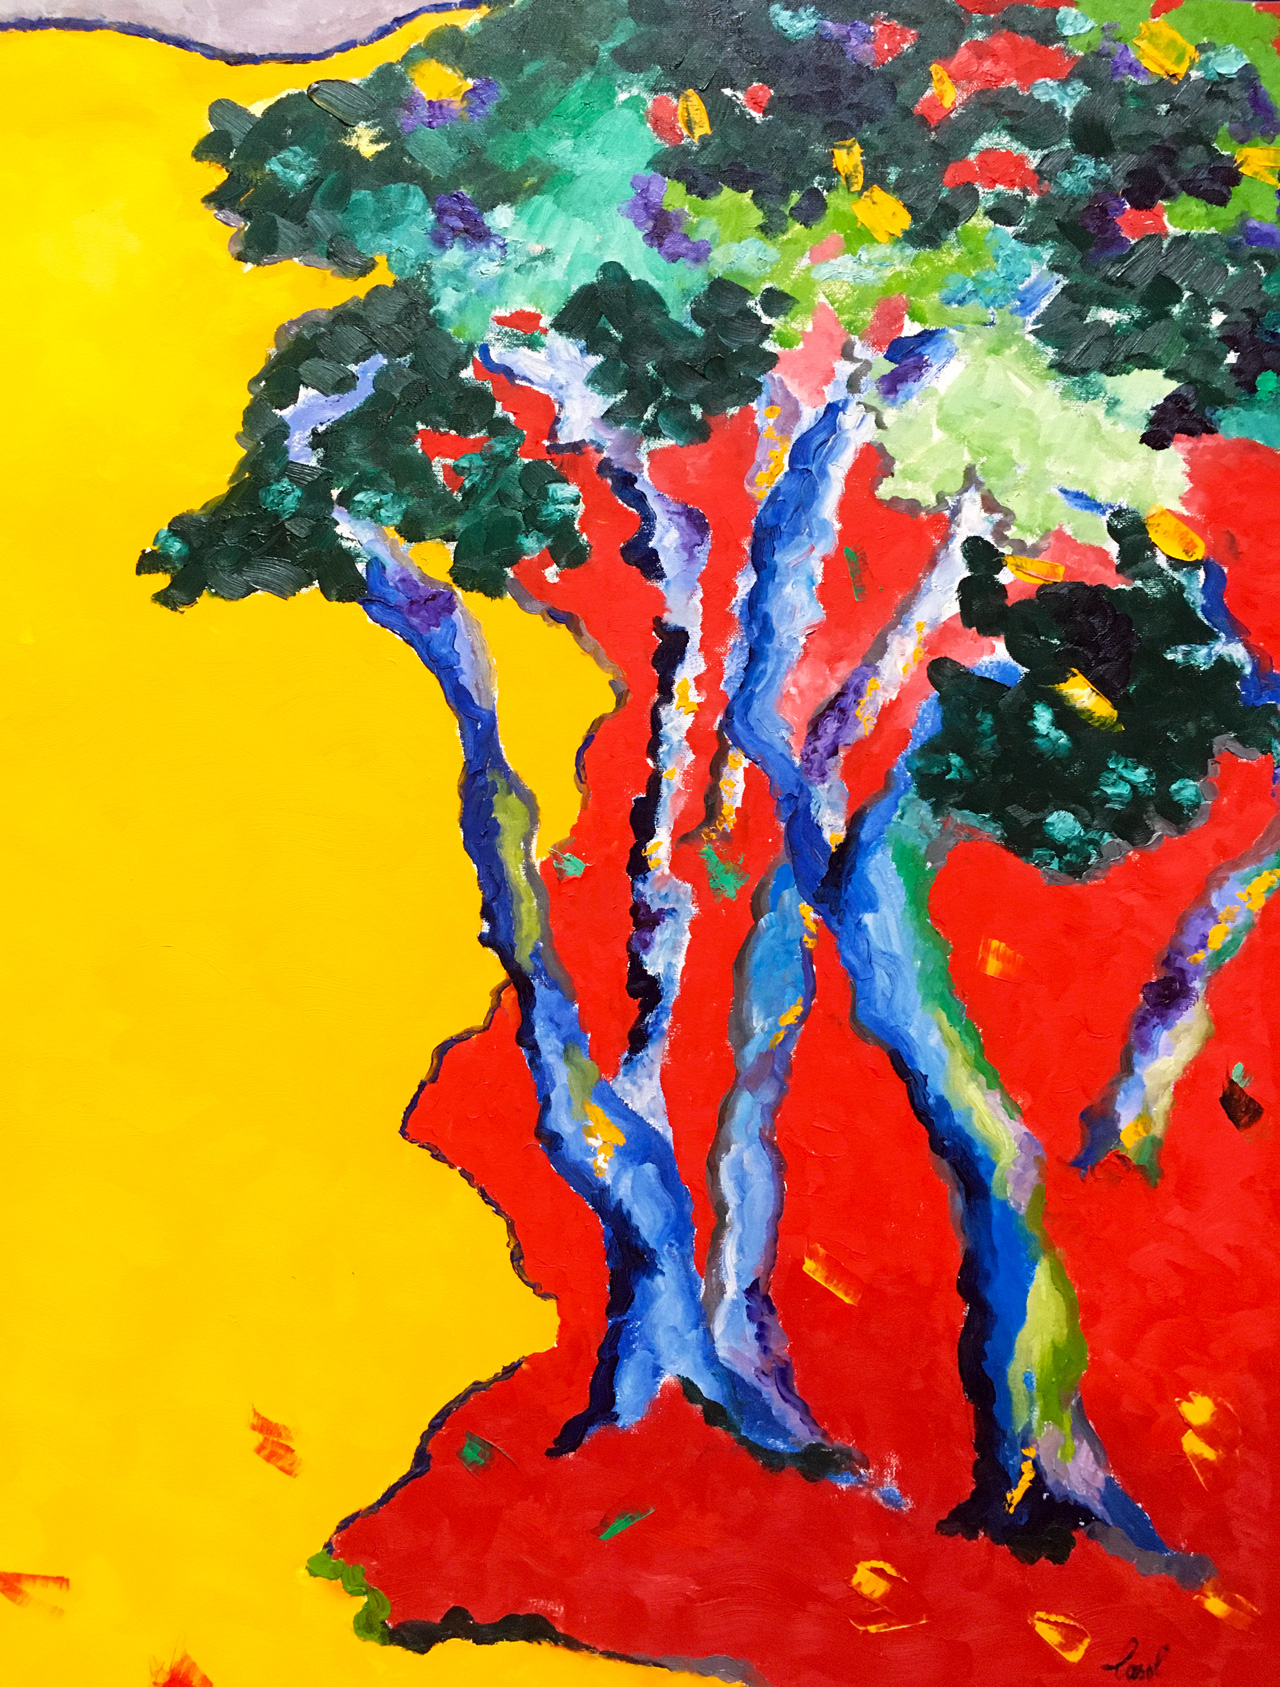 Maryse Casol, Arbre Symbolique painting, 2003